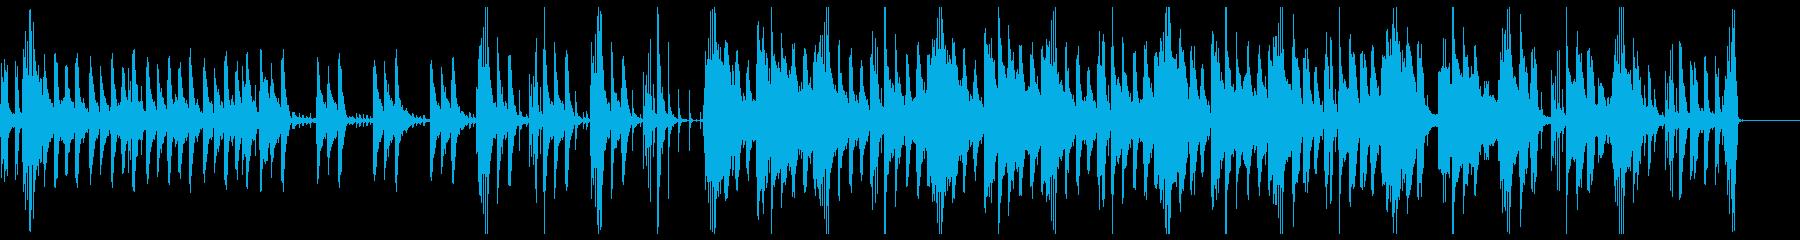 神秘的な雰囲気のBGMの再生済みの波形